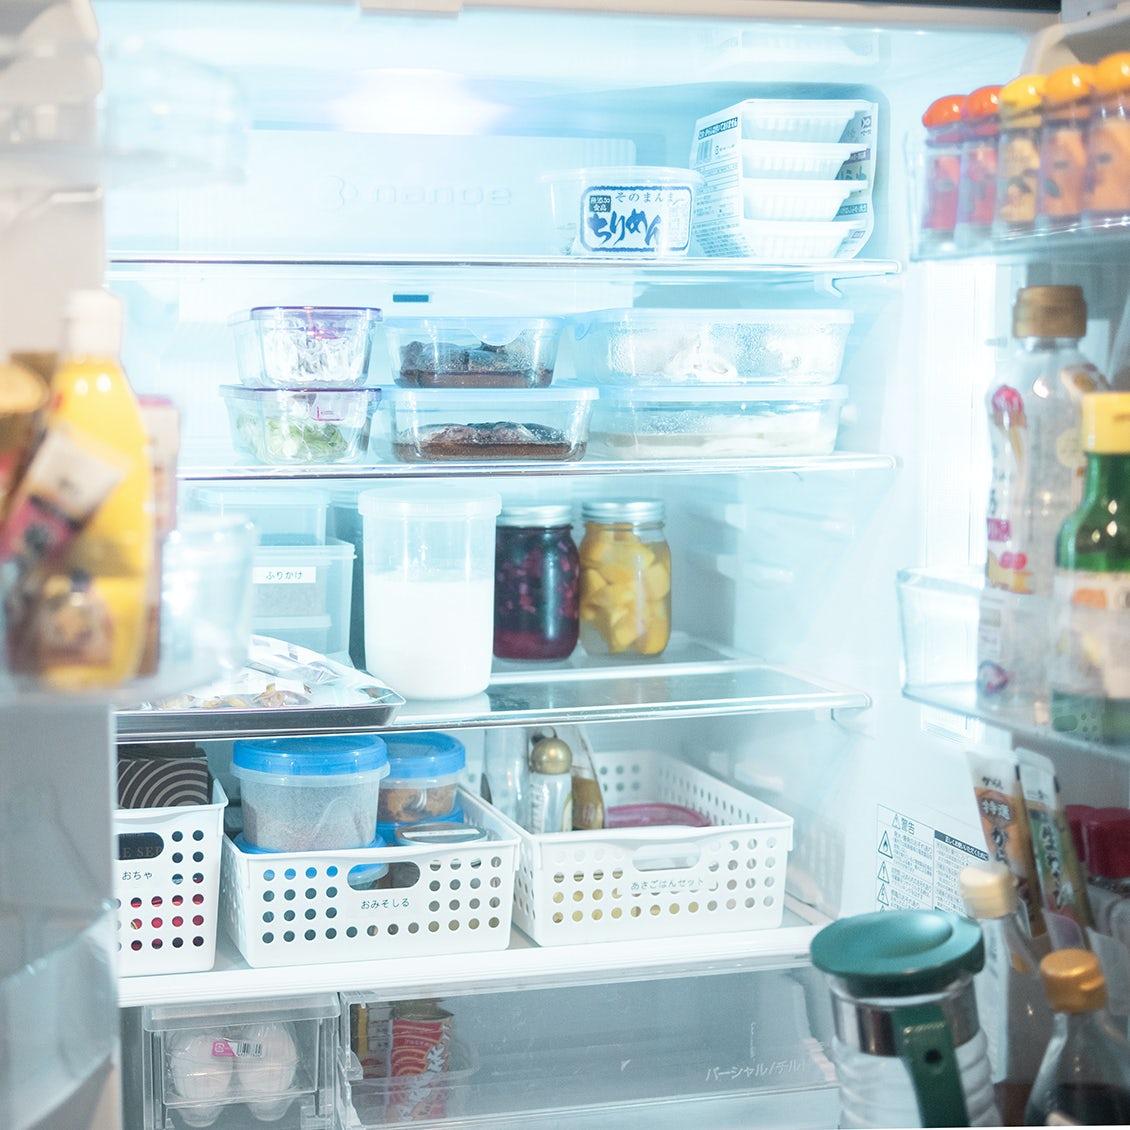 【使いきる、冷蔵庫収納】第1話:買い物リストどう作ってる? 食材管理のコツ